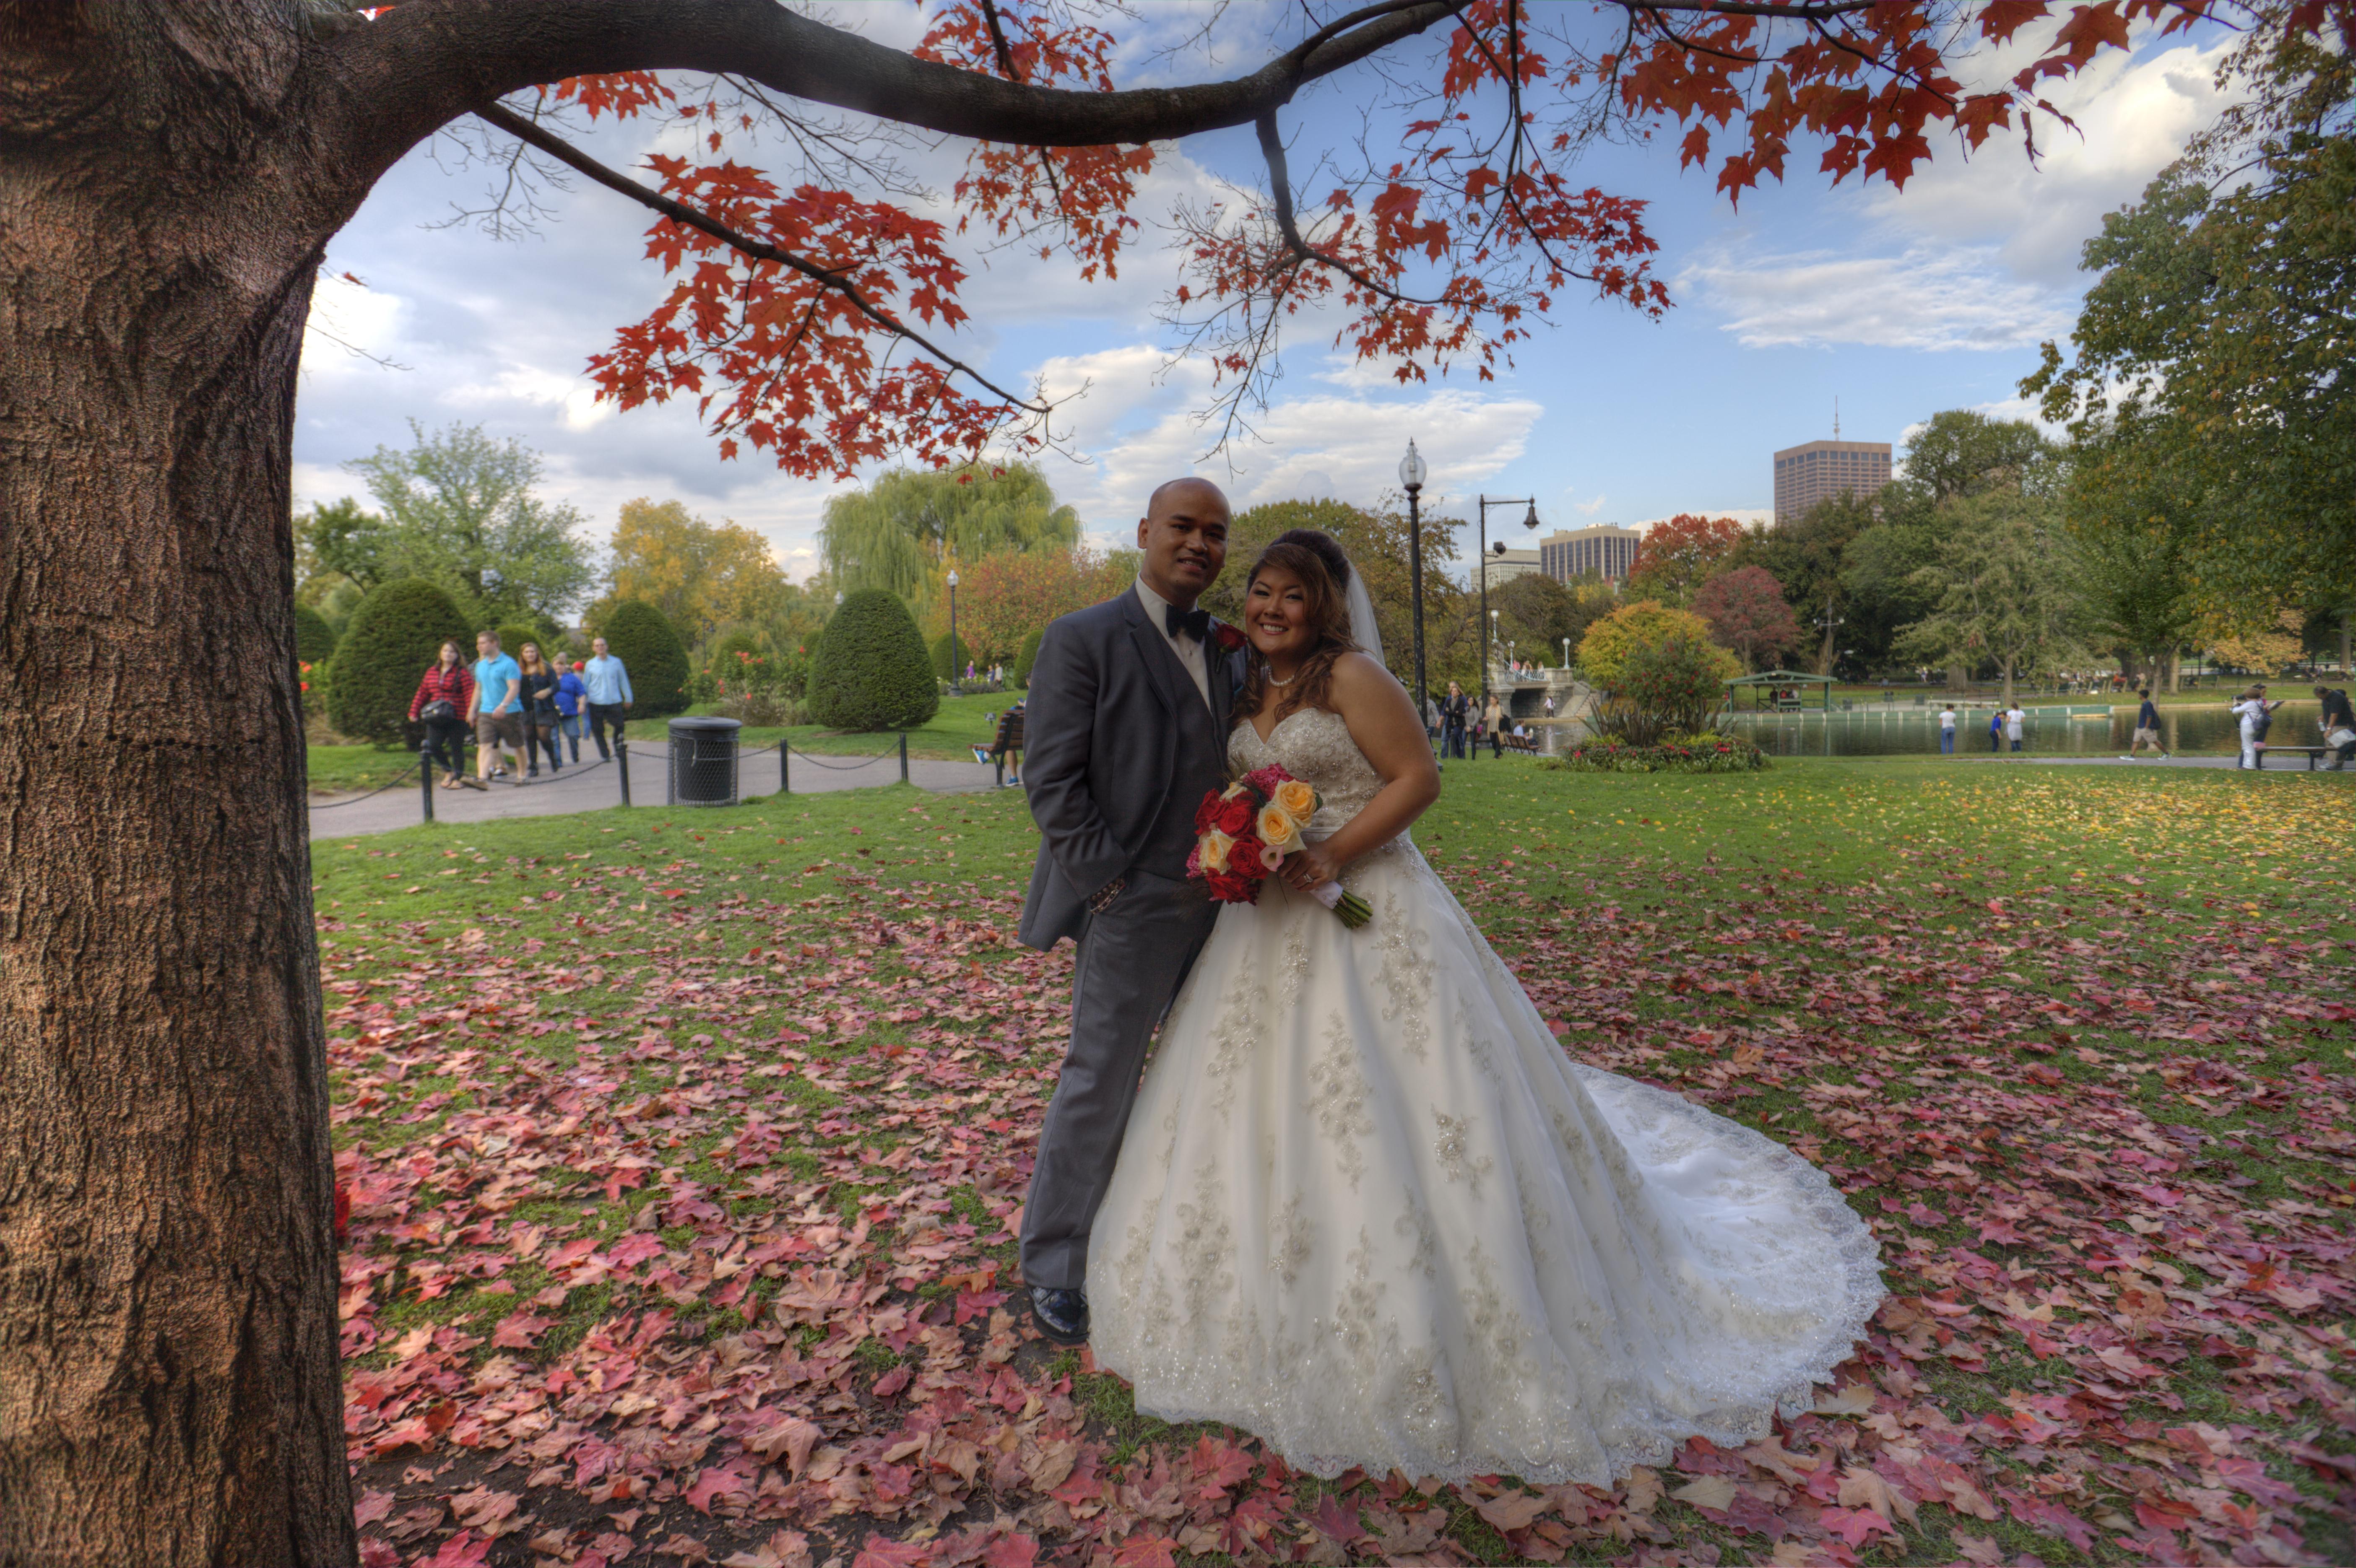 boston public garden wedding photo - Empire Garden